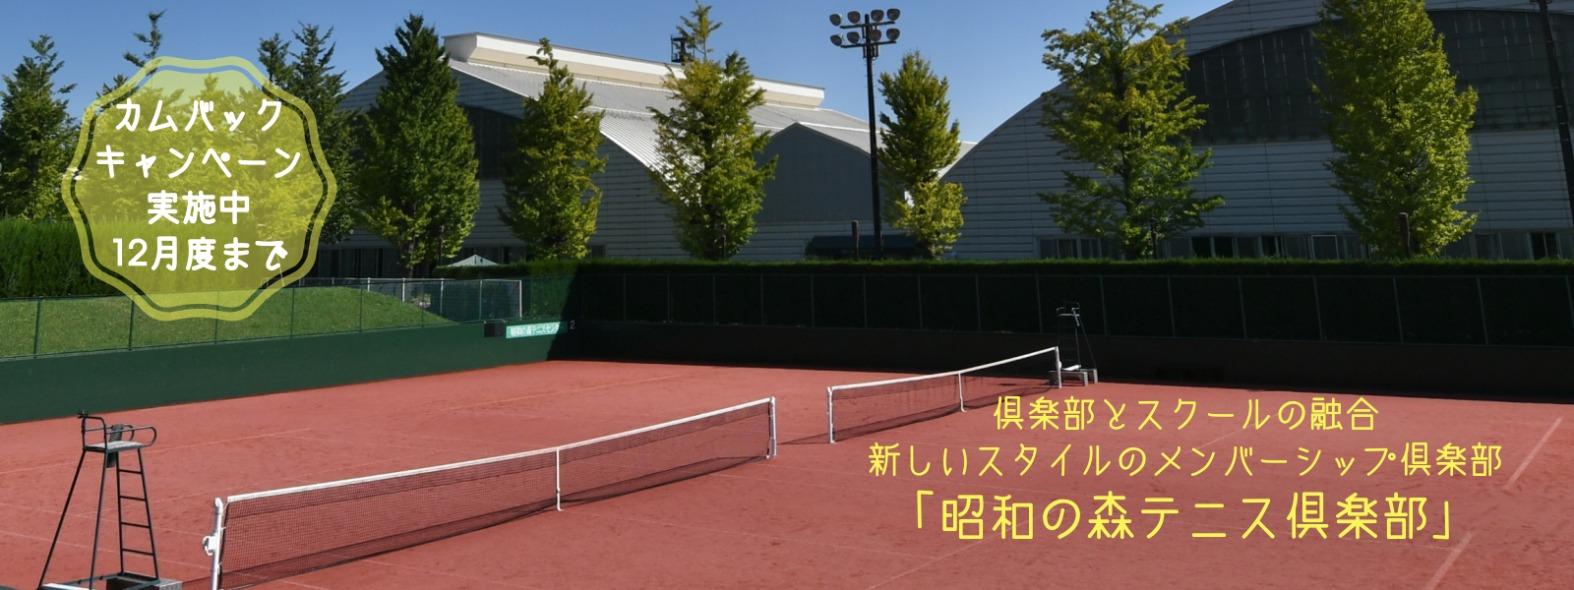 昭和の森テニス倶楽部(東京都昭島市)